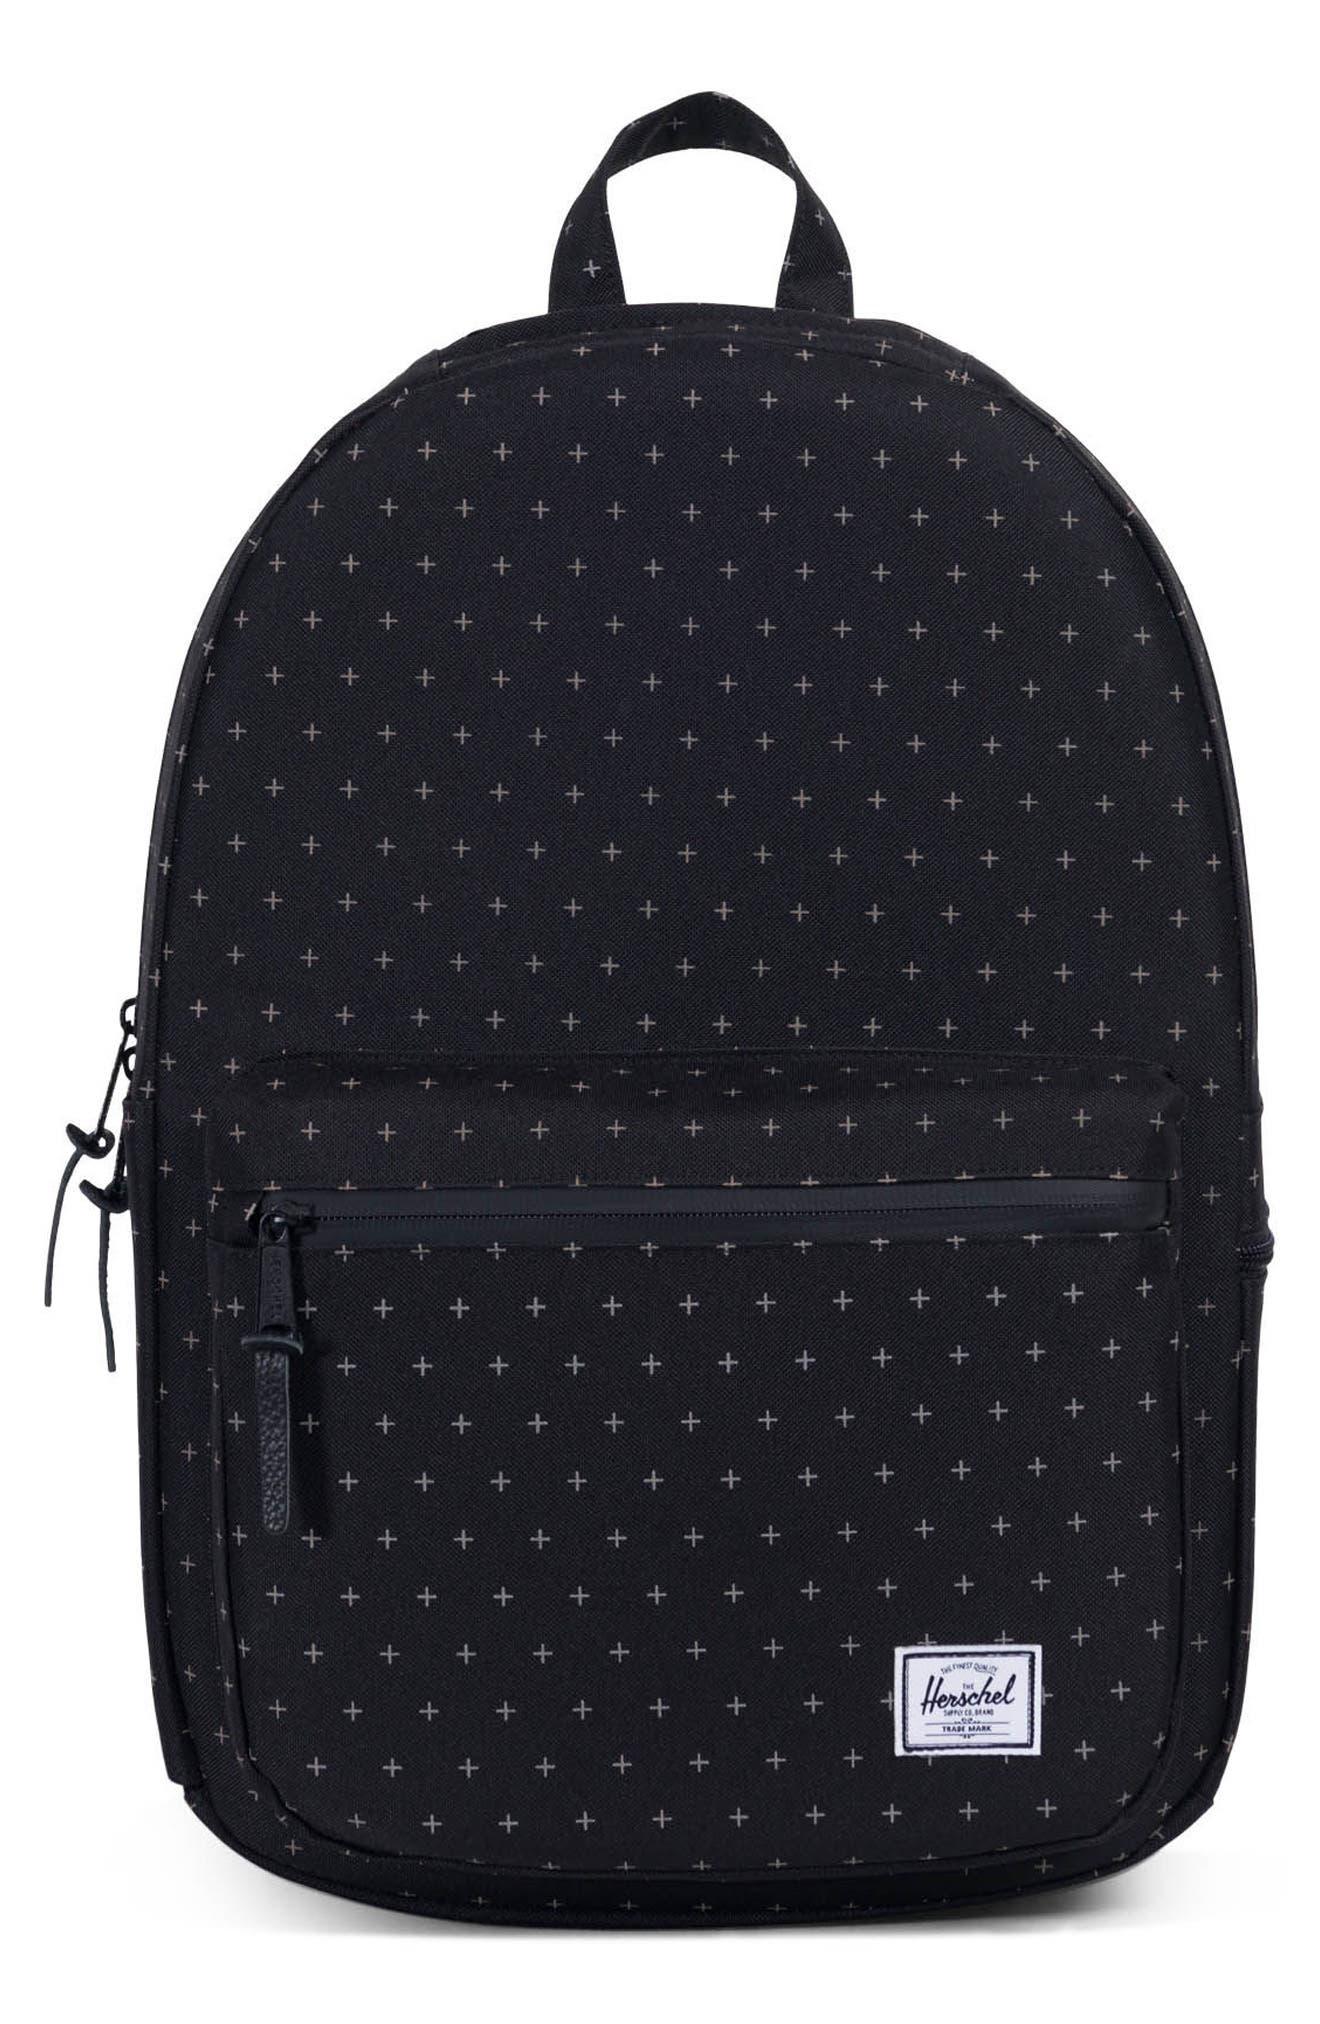 Harrison Backpack,                         Main,                         color, Black Gridlock